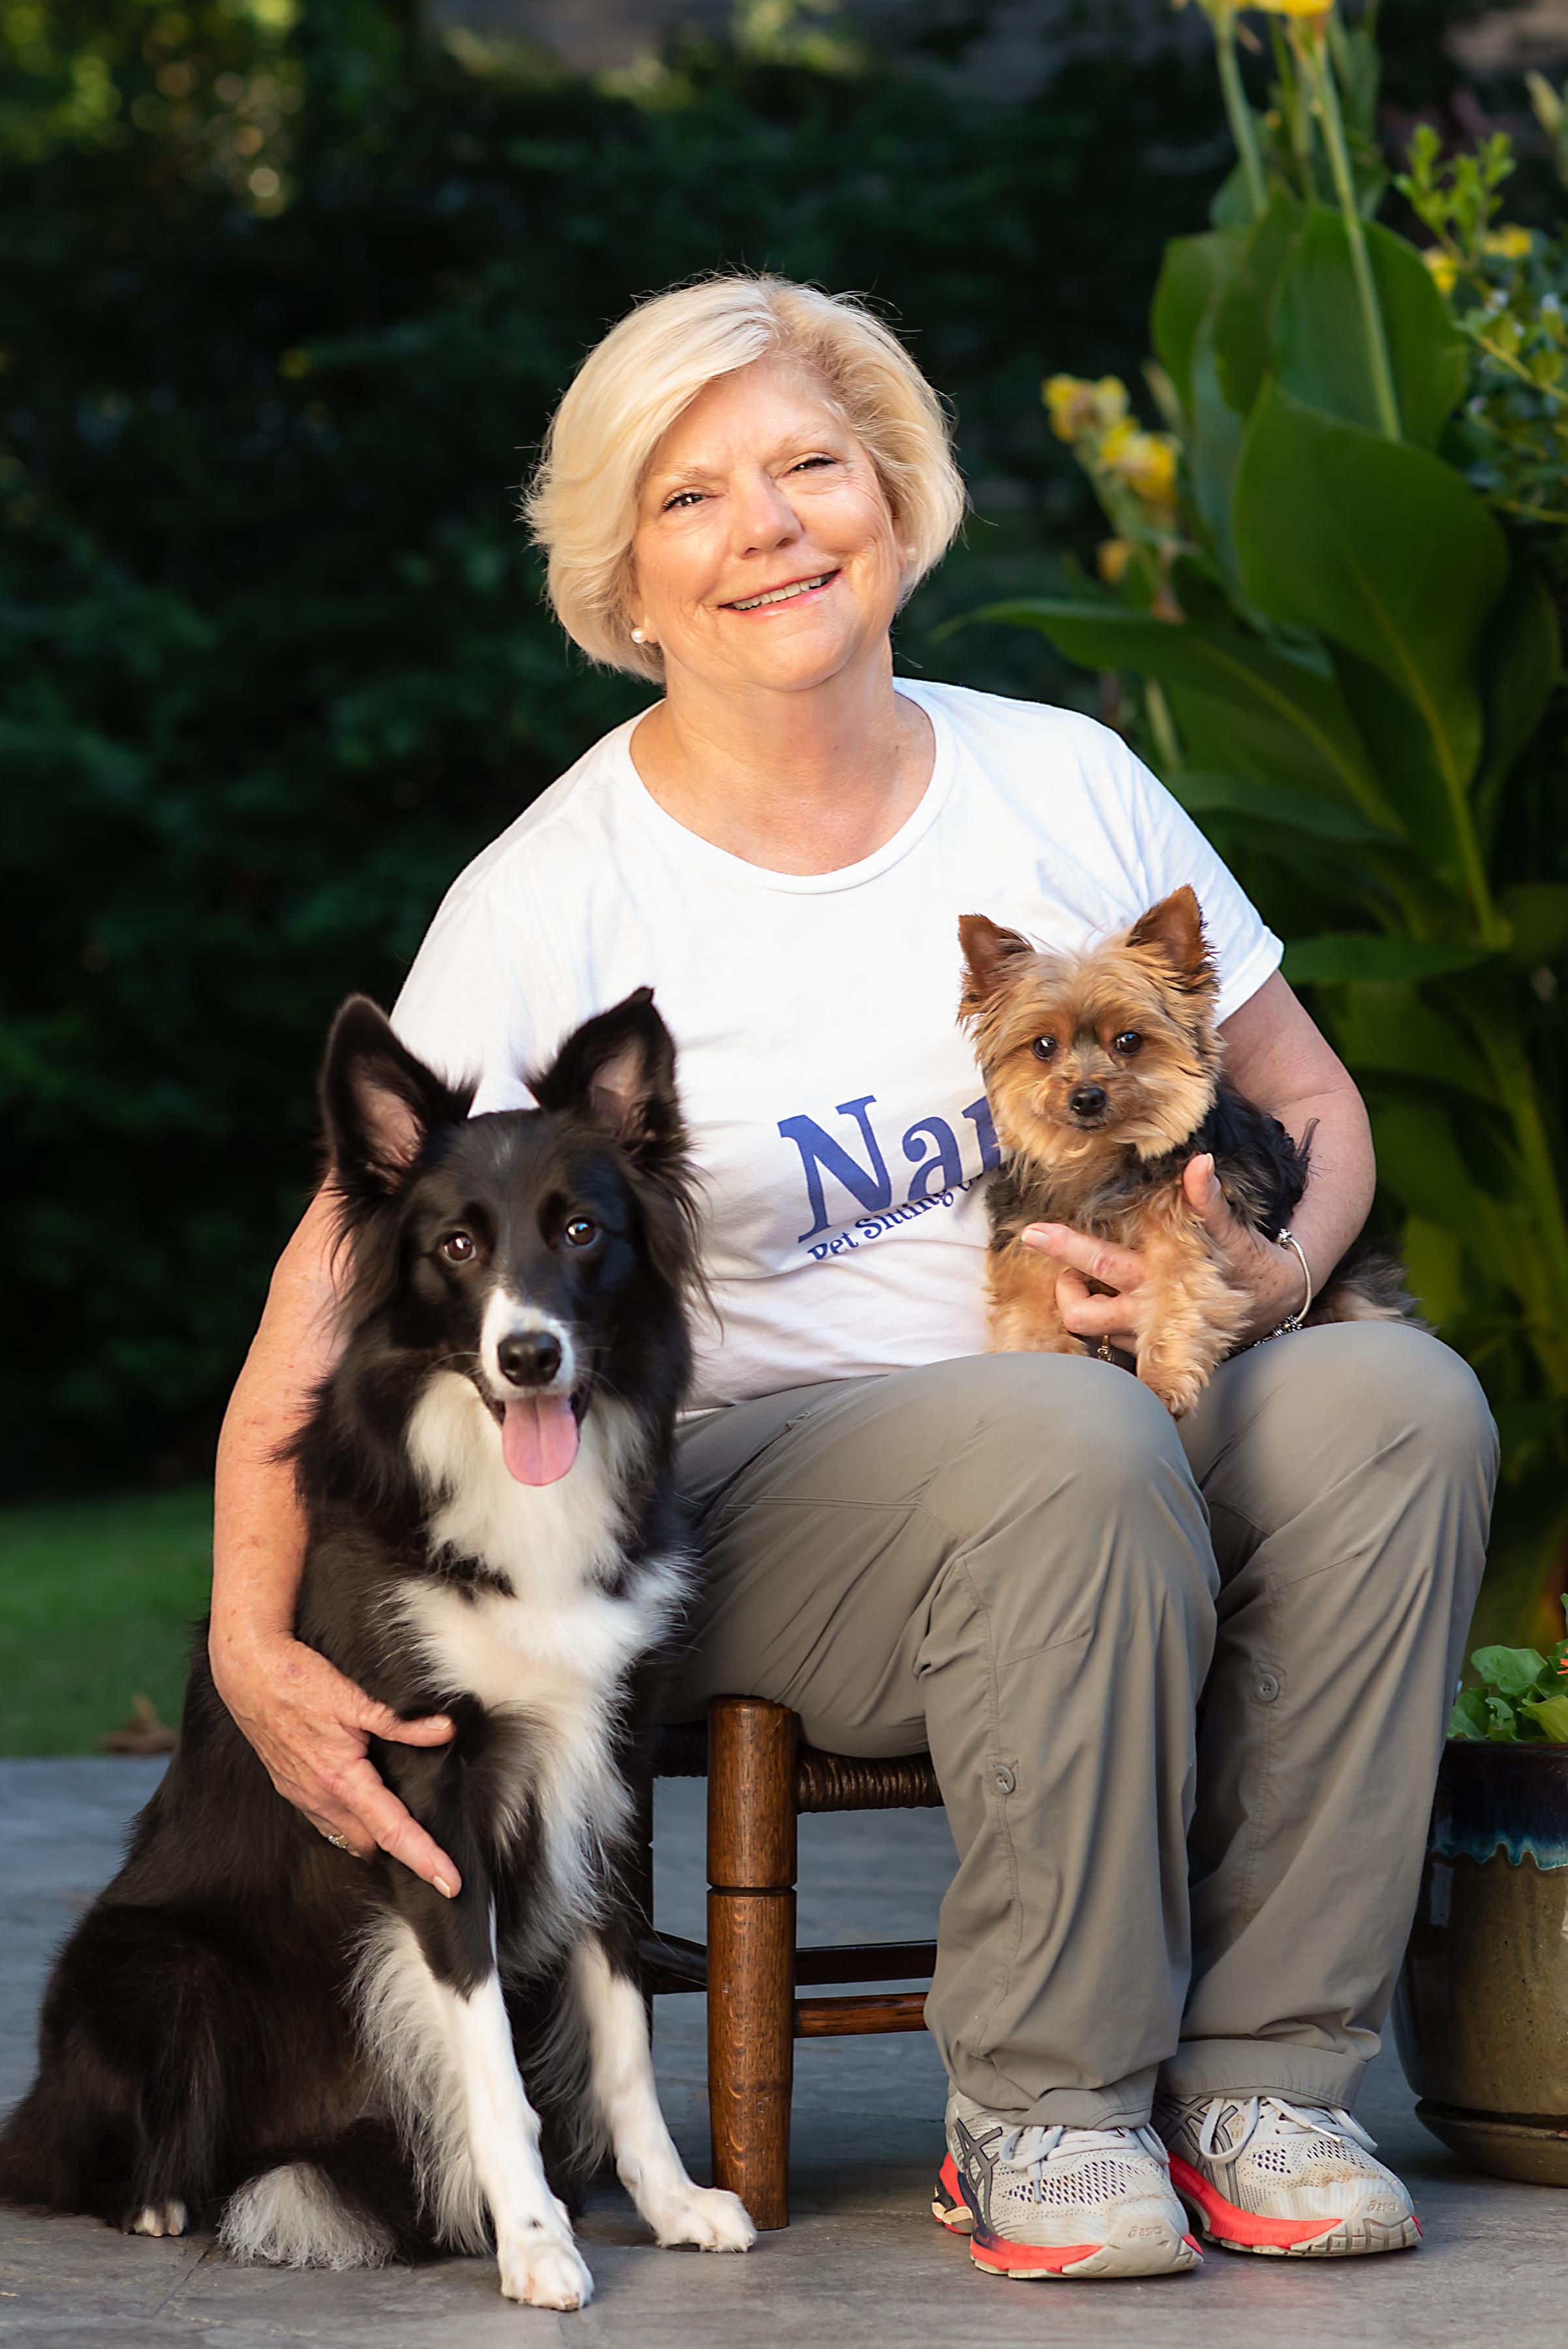 Linda Edwards owner of Nana's Pet Sittin